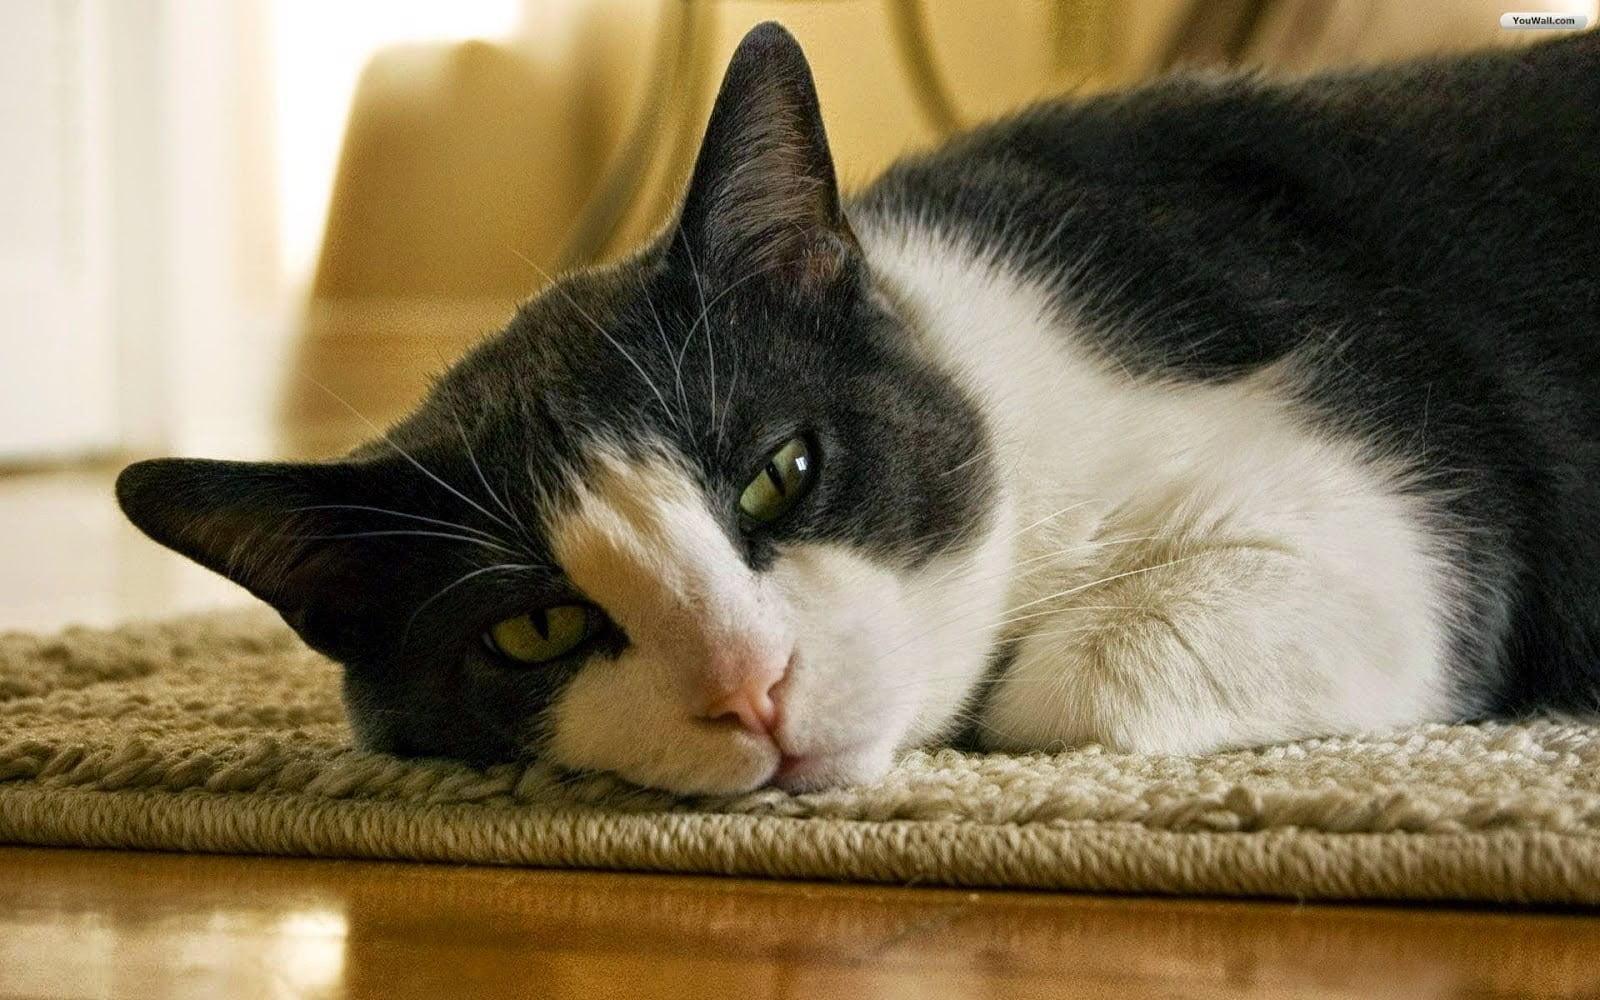 Hình ảnh chú mèo con đang buồn ngủ sau khi đùa nghịch cũng dễ thương